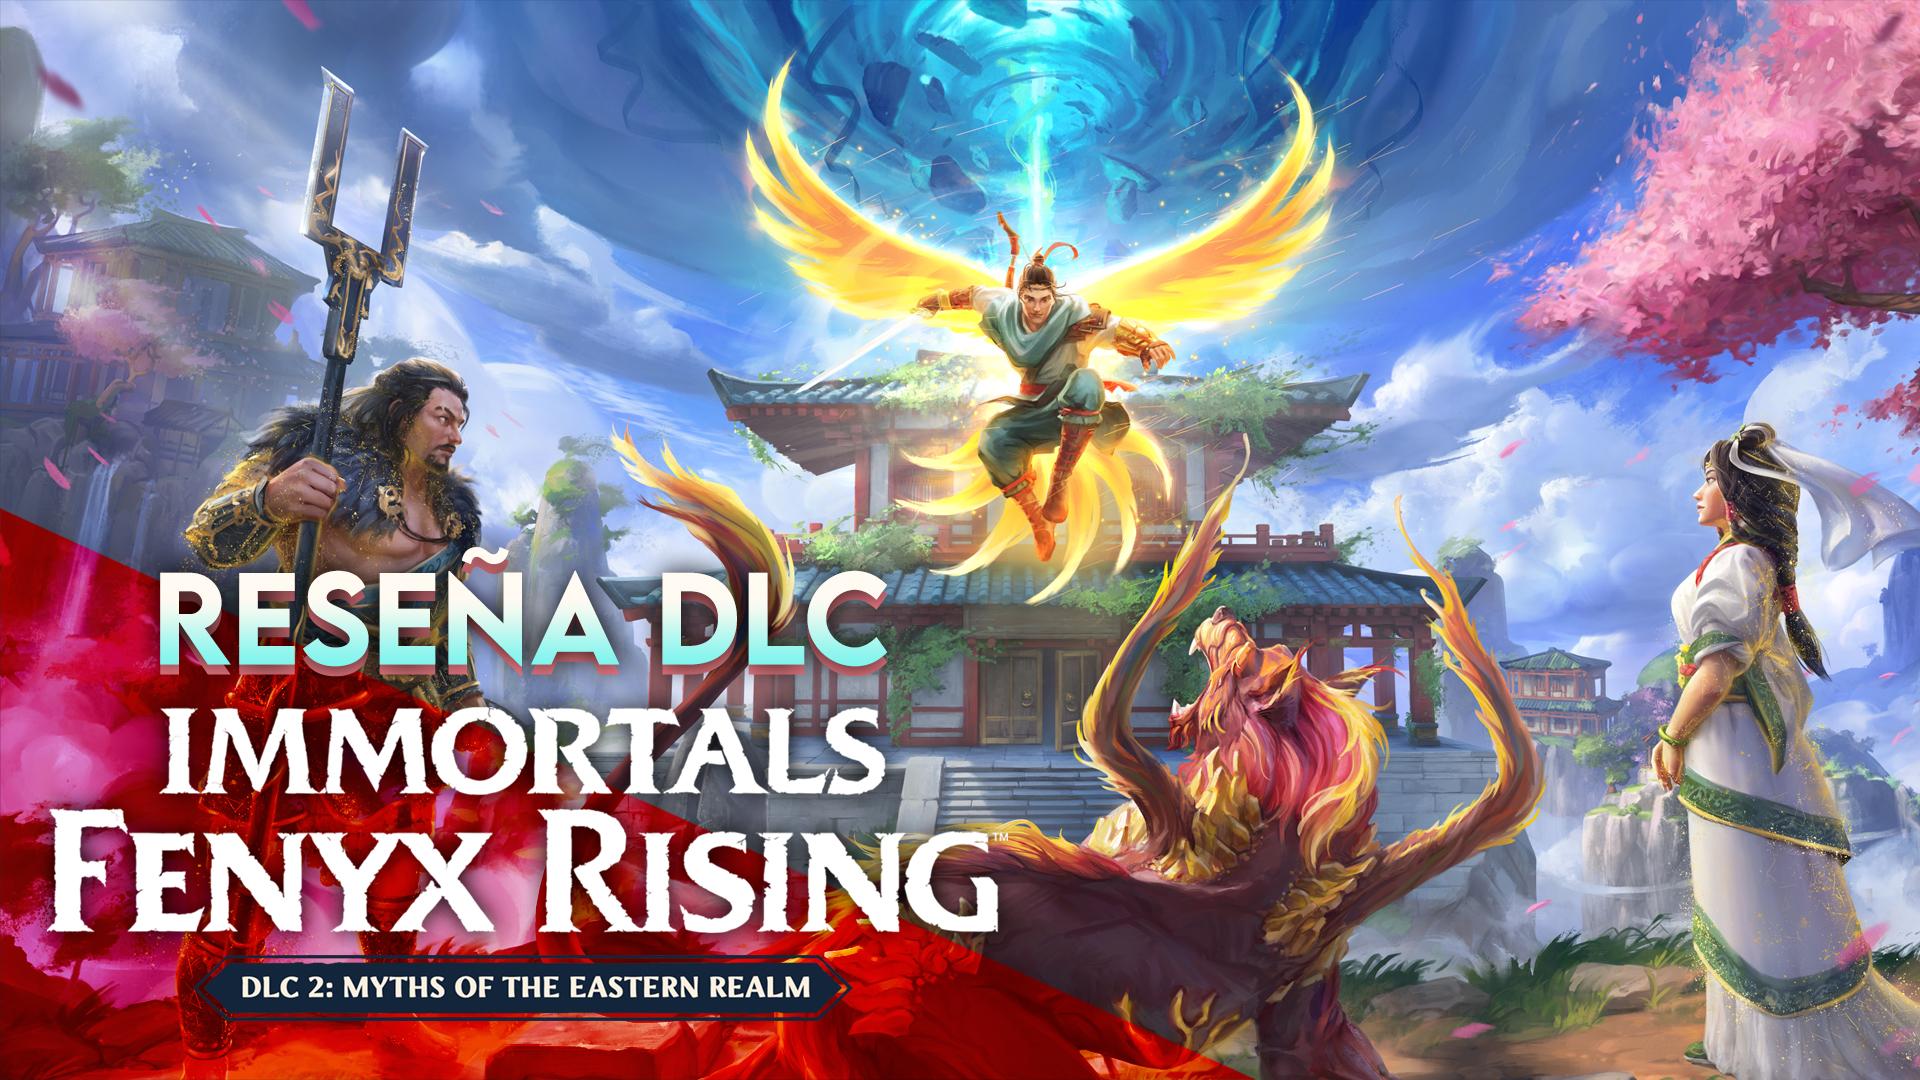 Reseña DLC Immortals Fenyx Rising: Myths of the Eastern Realm – Bienvenida la mitología china